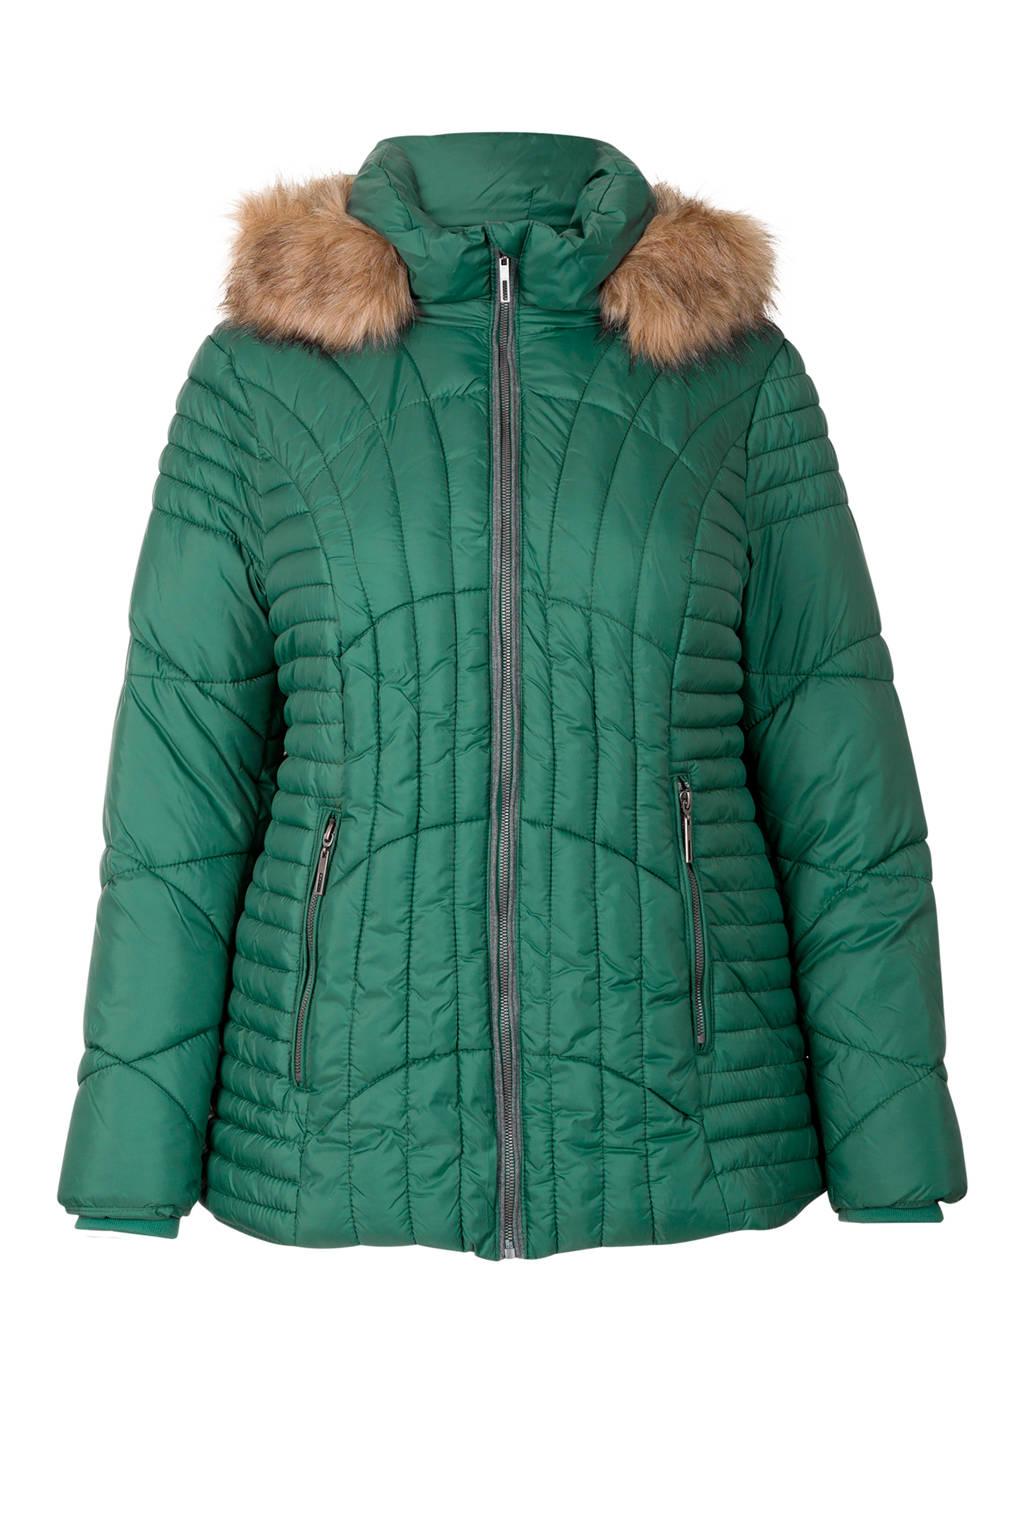 Miss Etam Plus korte jas met capuchon groen, Groen